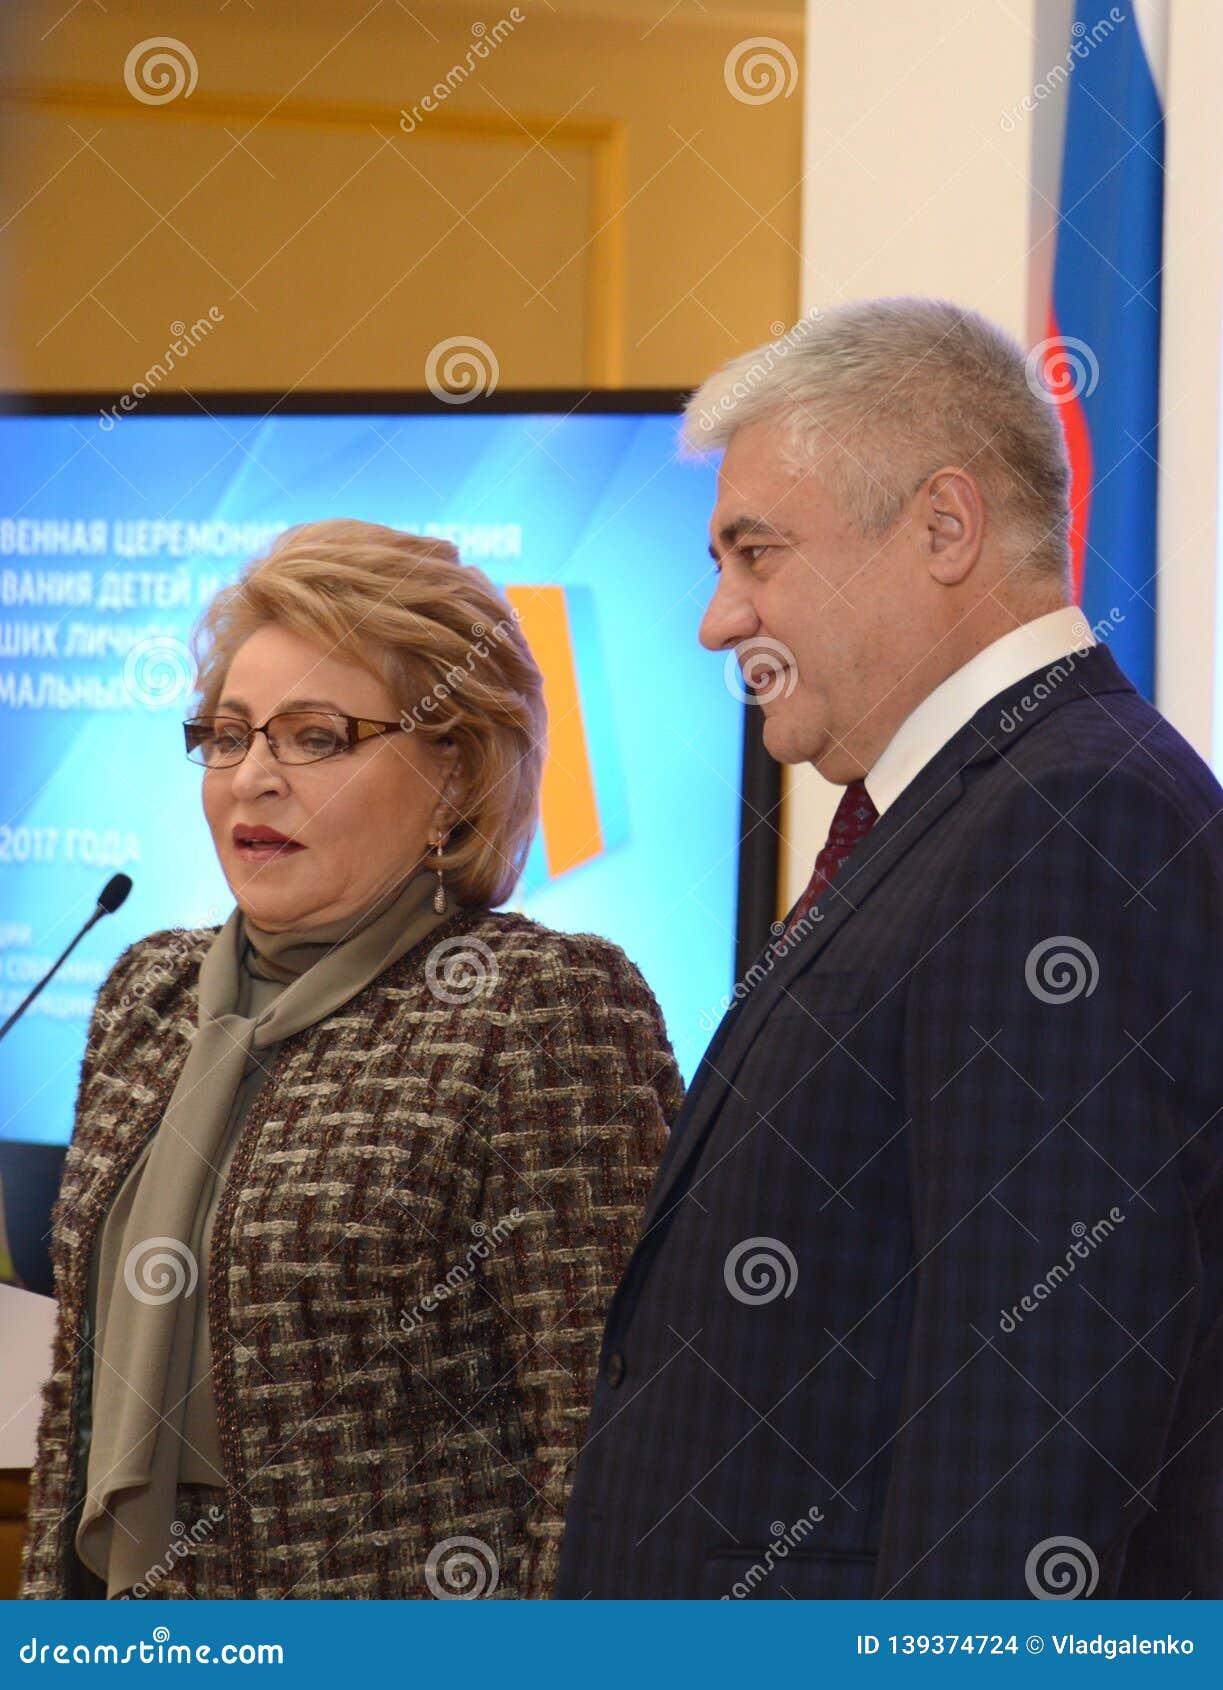 Presidente del consejo de la federación de la asamblea federal Valentina Matvienko Minister de los asuntos internos Vladimir Kolo